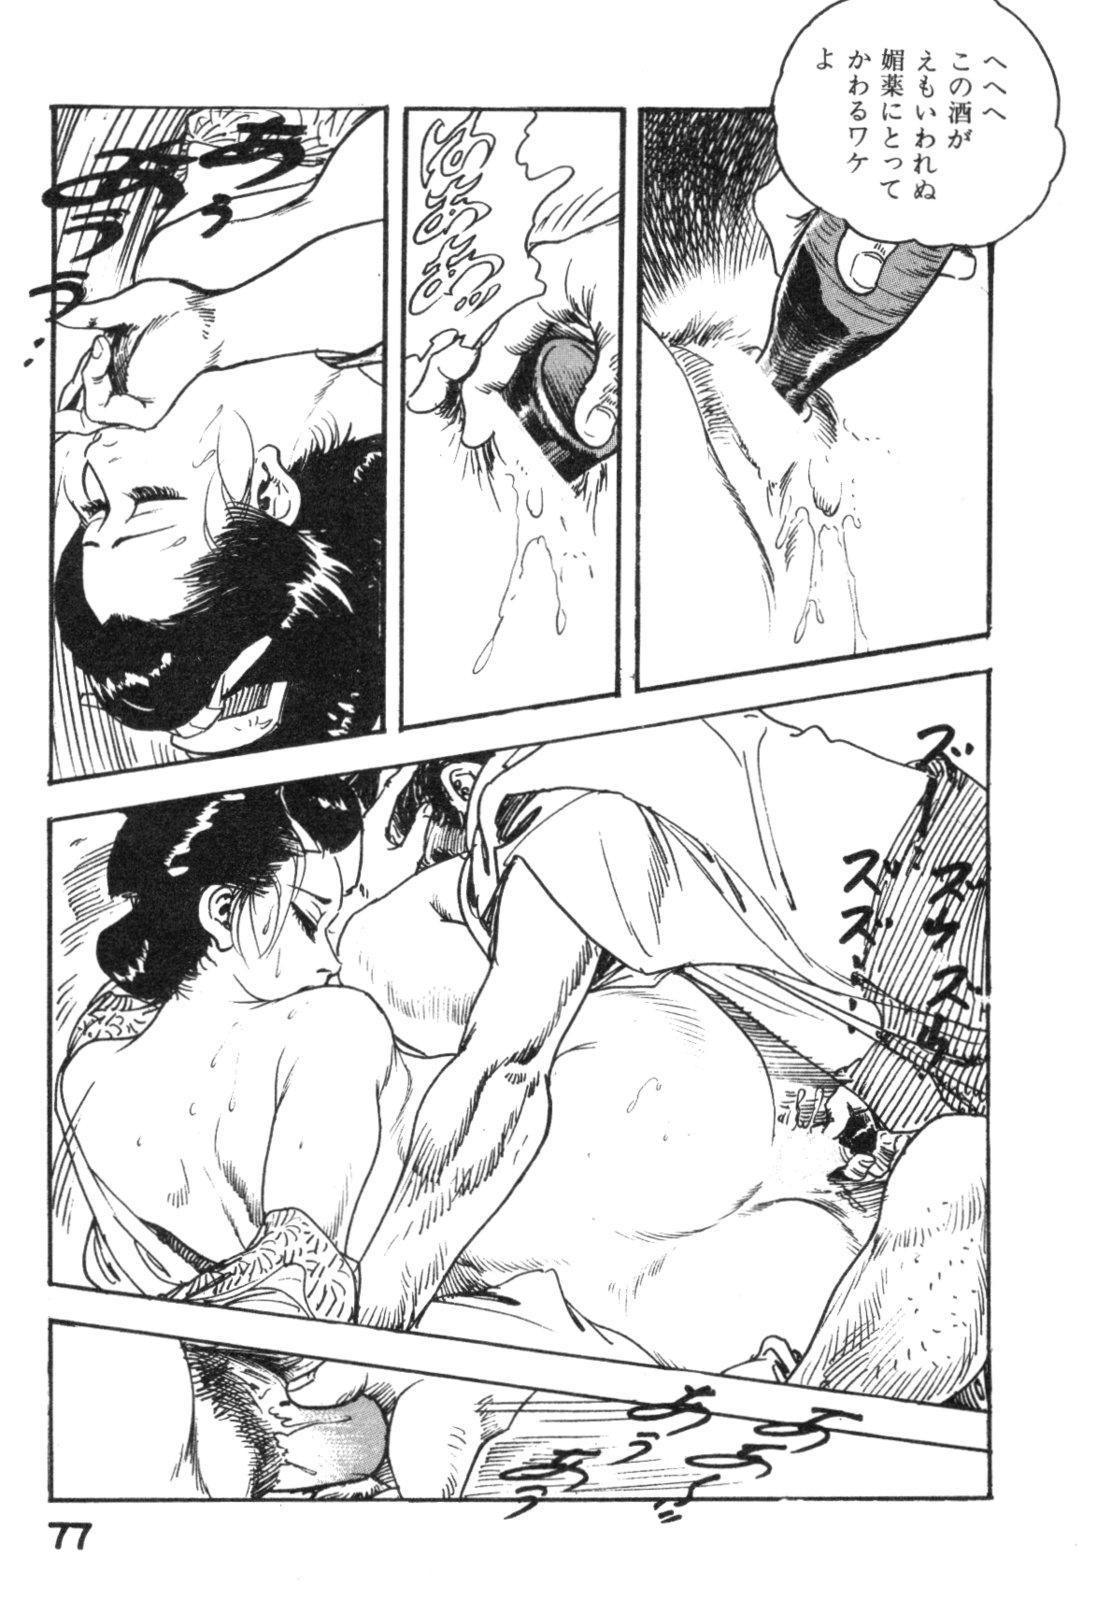 Jidaigeki Series 2 ~ Midare Kannon 79